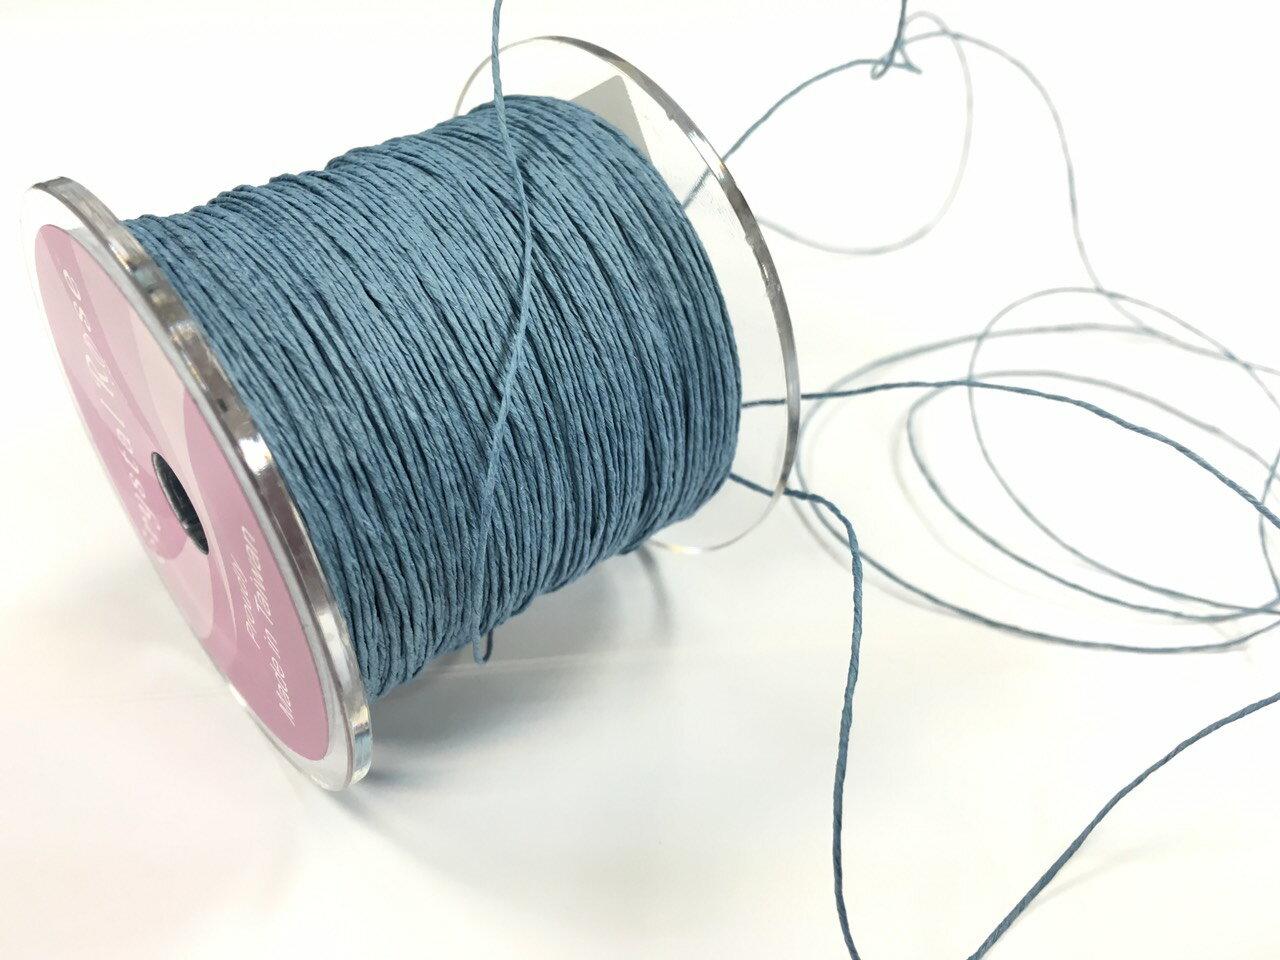 紙繩緞帶 1mm 100碼裝 (5色) 4